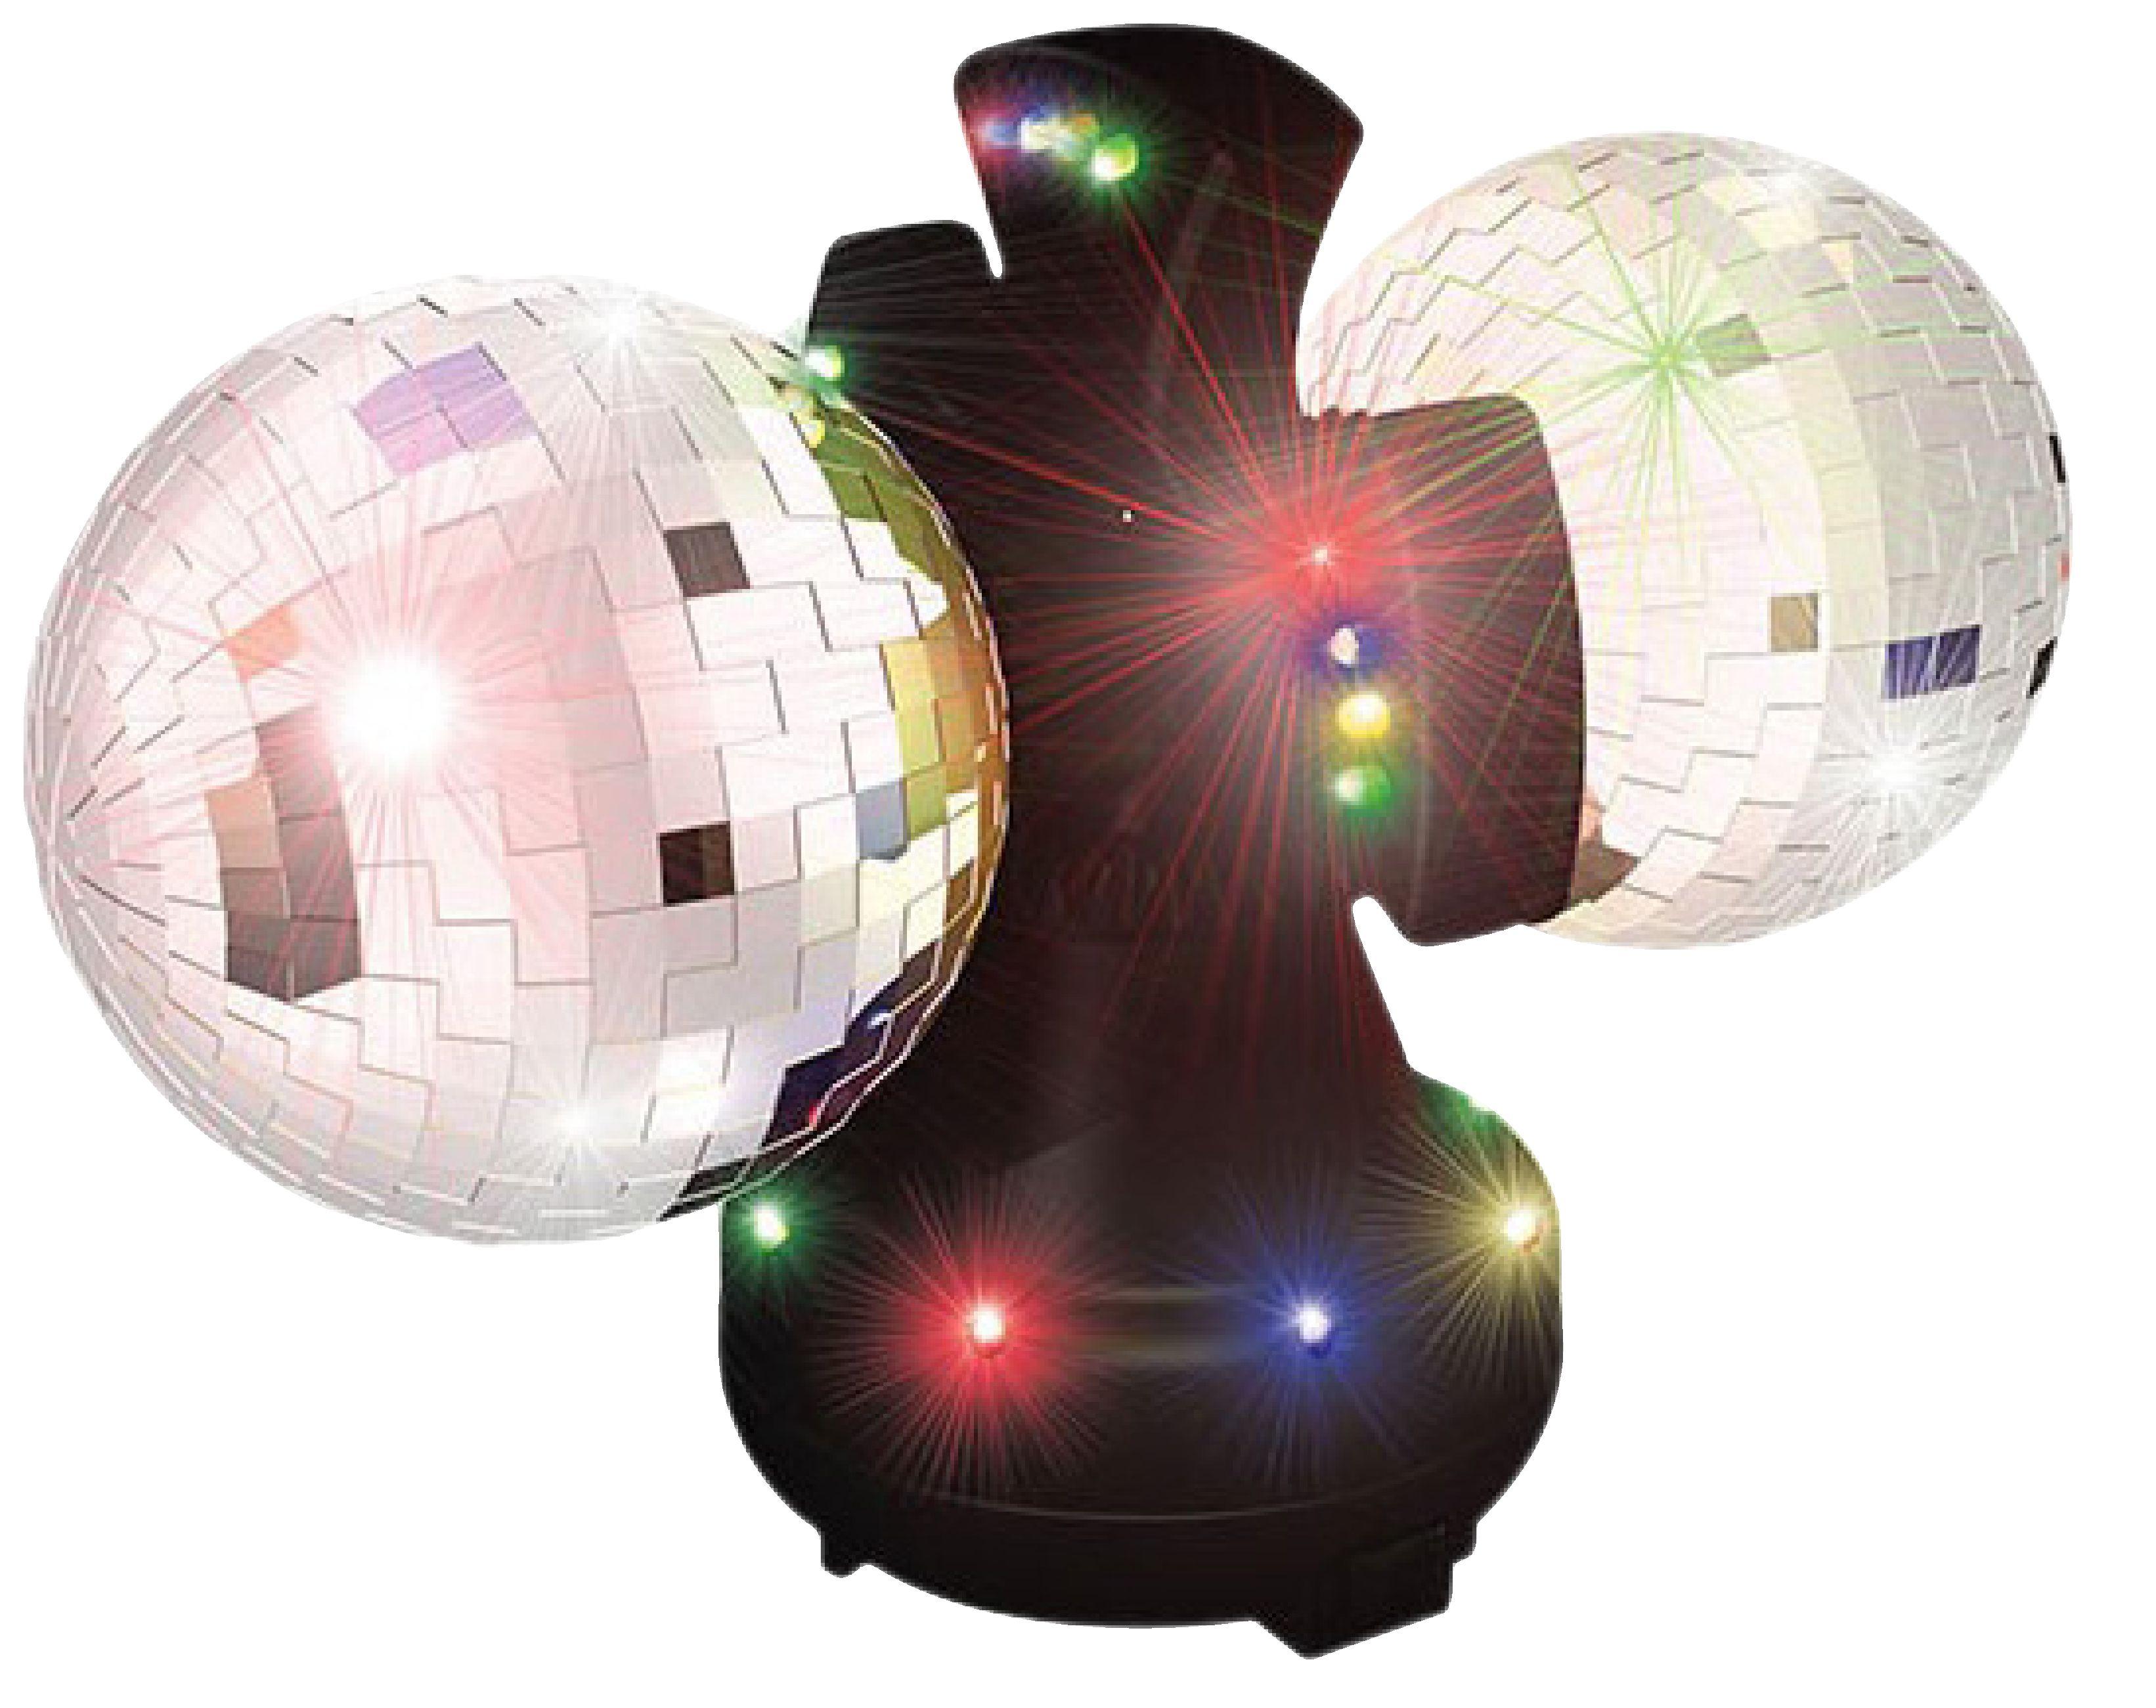 2 rotující zrcadlové disco koule 10 cm s barevnými LED ED871727886489